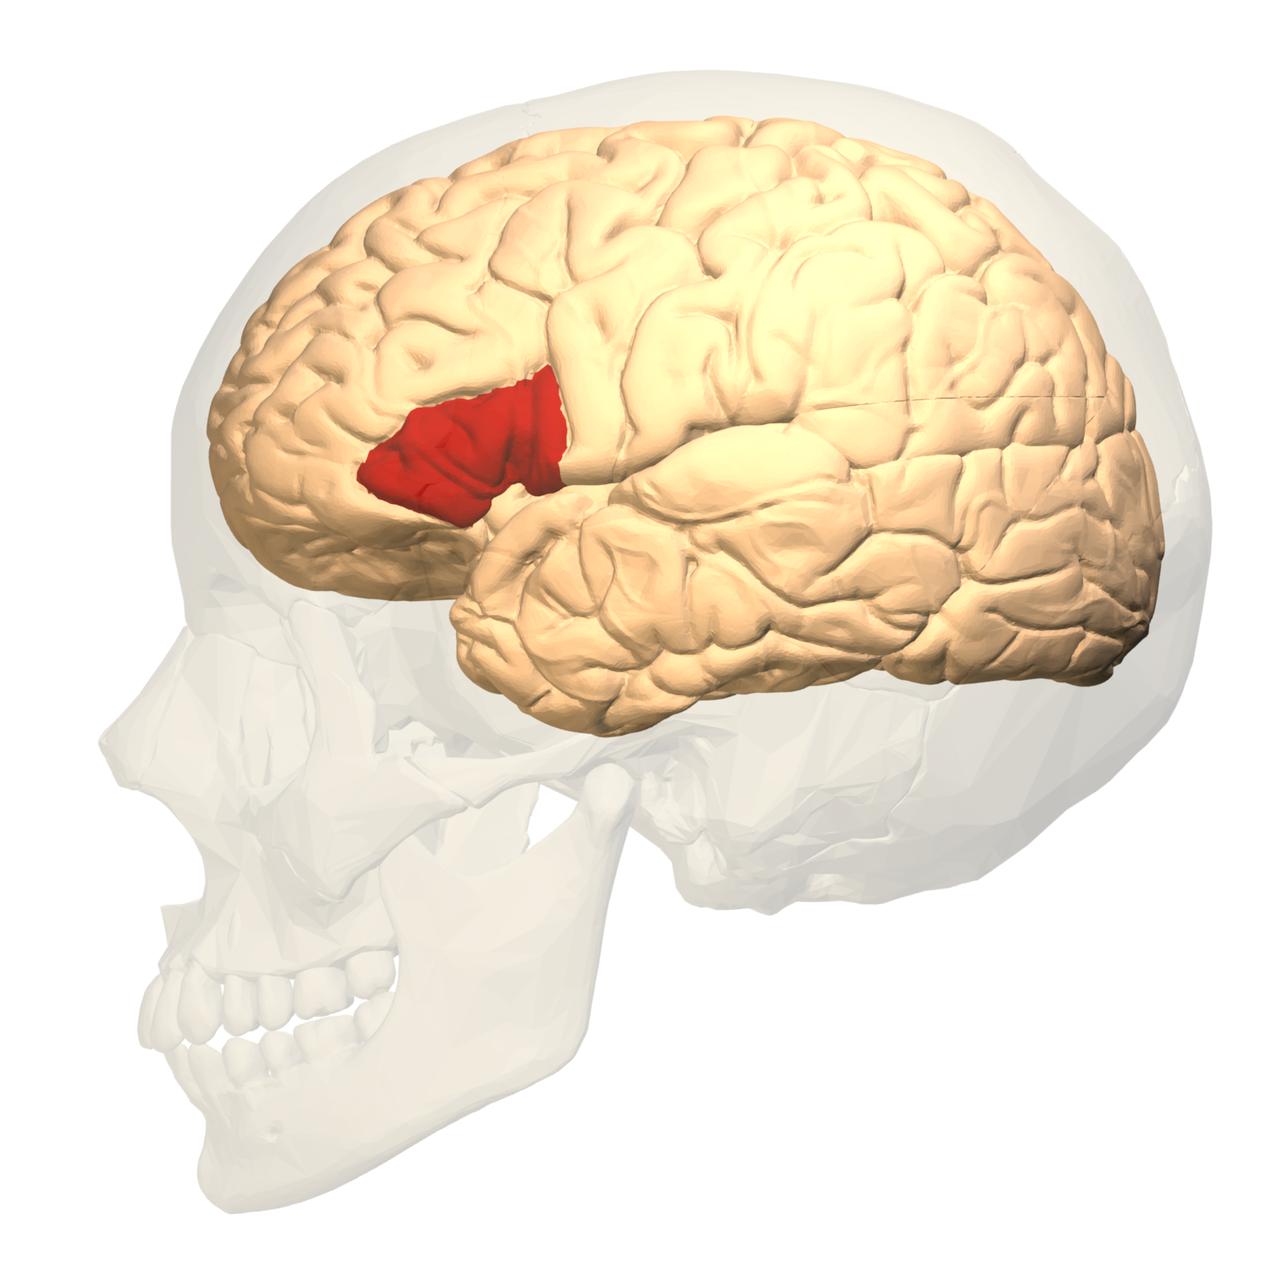 За что отвечает теменная доля головного мозга